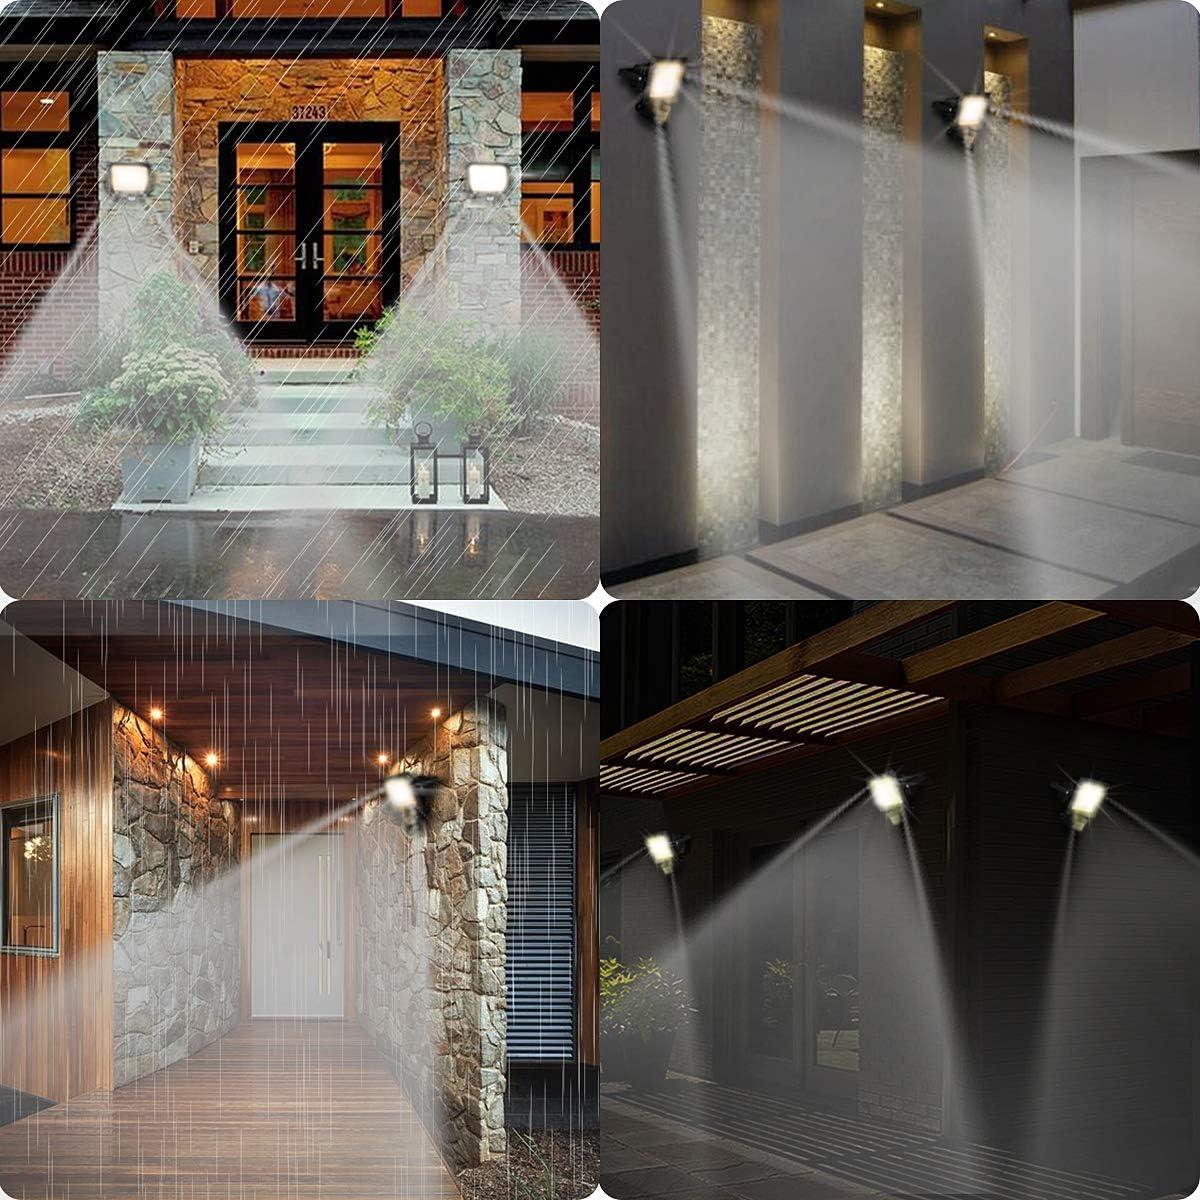 garage cour terrain de sport Projecteur LED avec d/étecteur de mouvement 10 W blanc chaud 800 lm 3000 K Projecteur ext/érieur en aluminium 220 V /étanche IP65 pour jardin